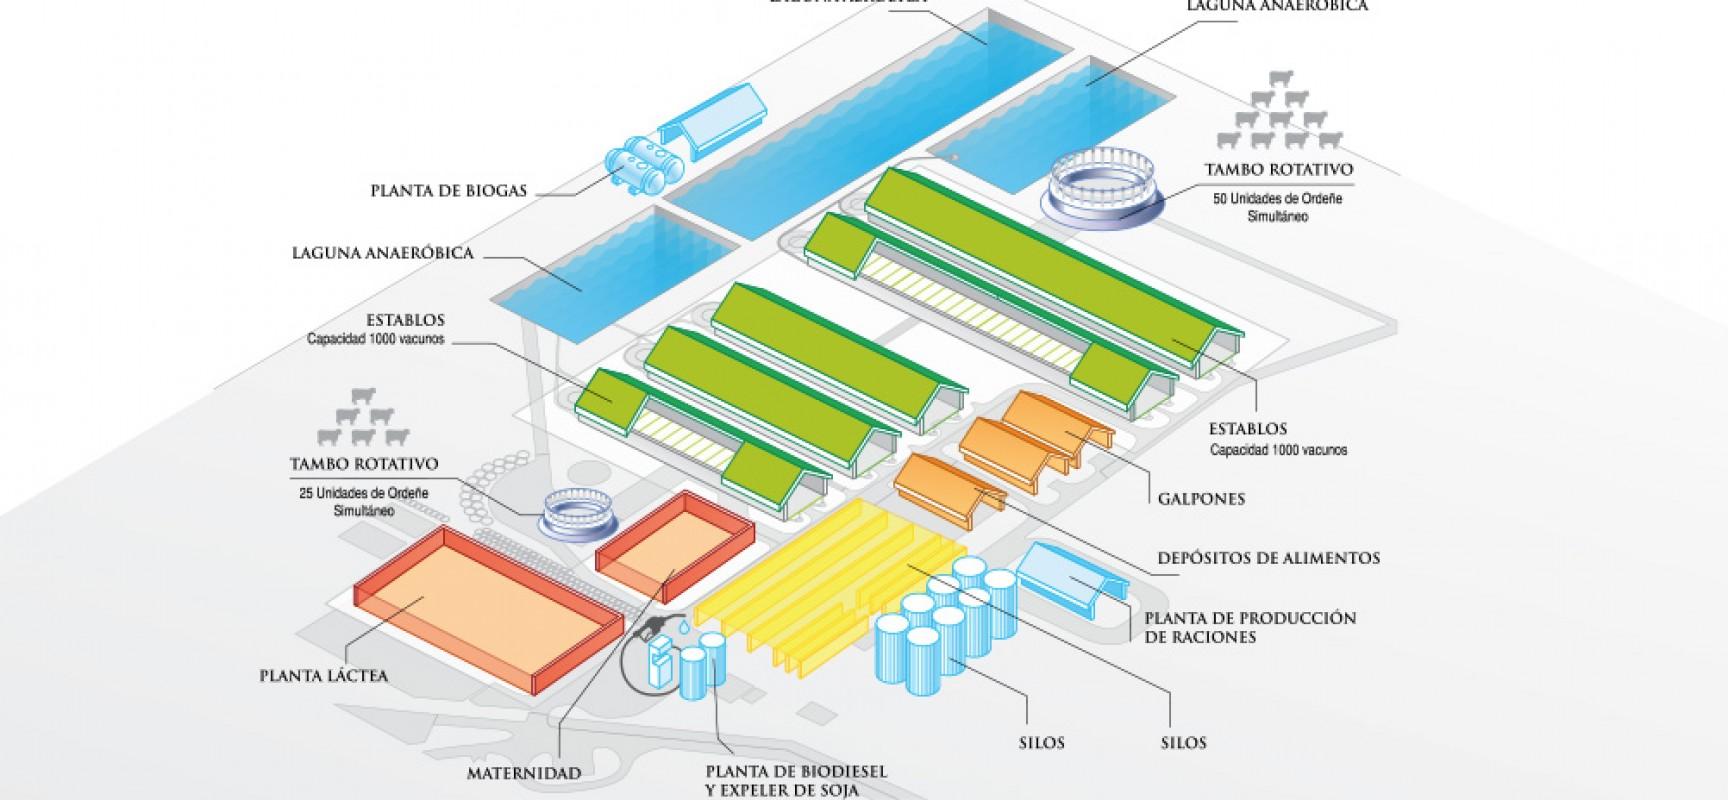 Complejo Agroindustrial El Talar